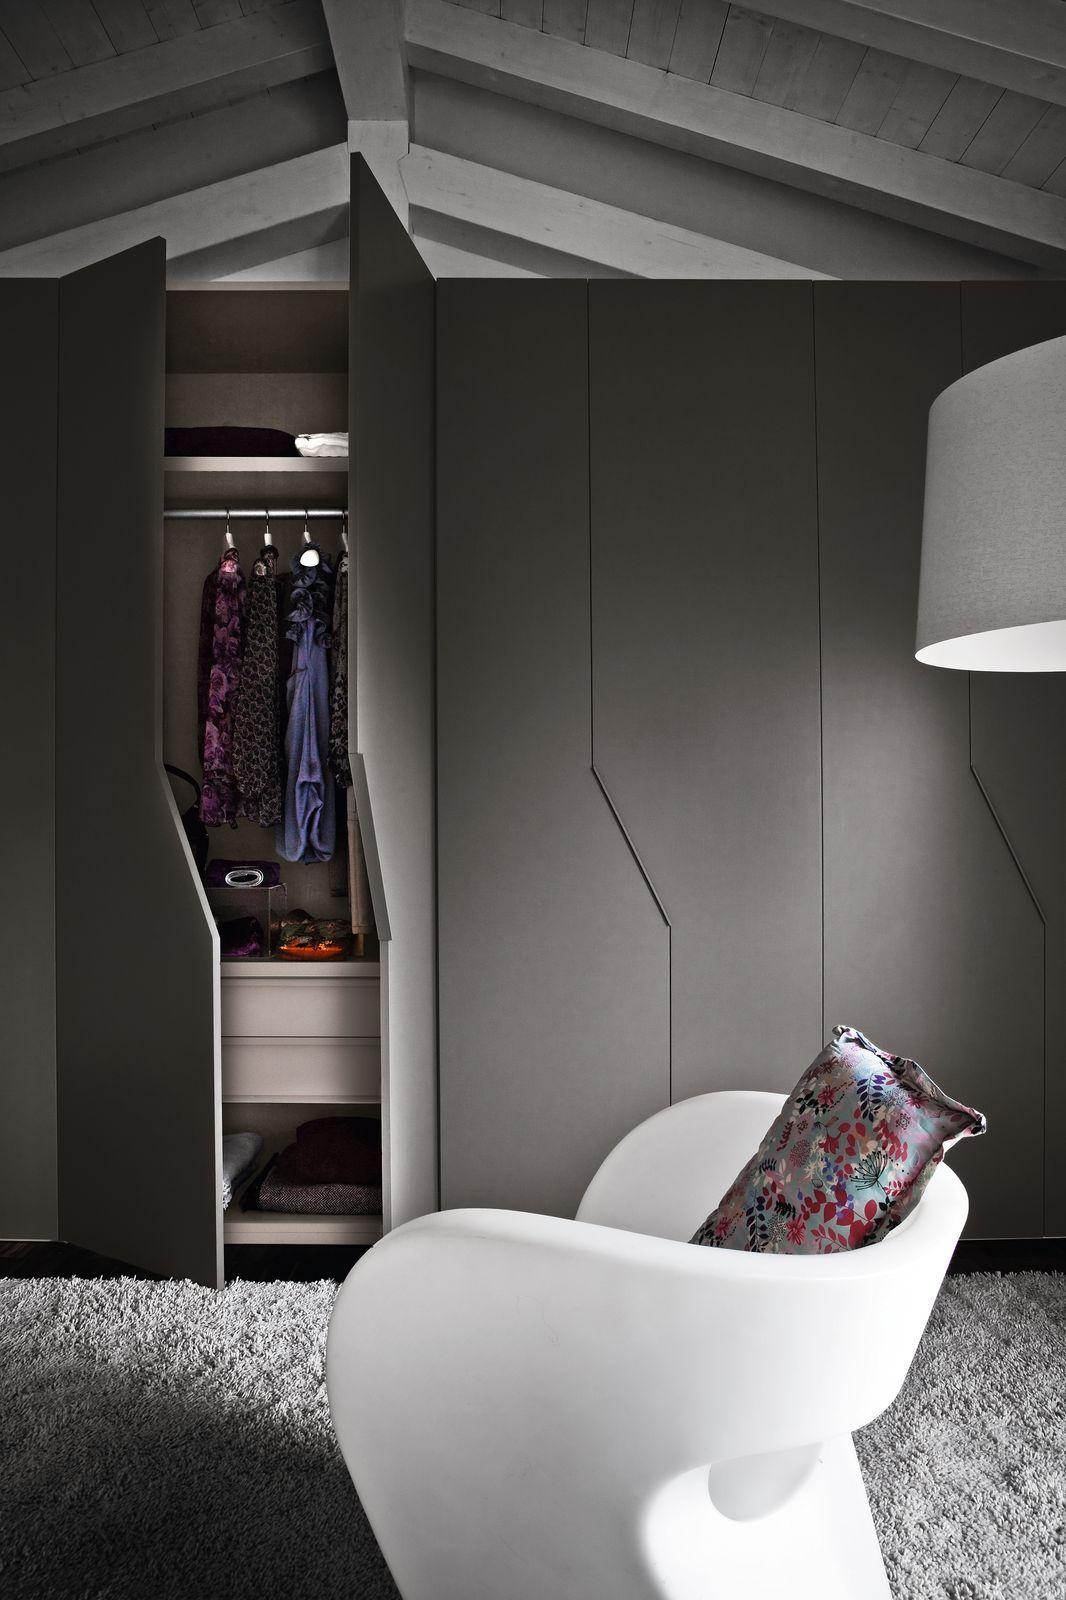 Pin By Azalea De L Atlas On Interior Design Wardrobe Door Designs Wardrobe Design Bedroom Cabinet Door Designs